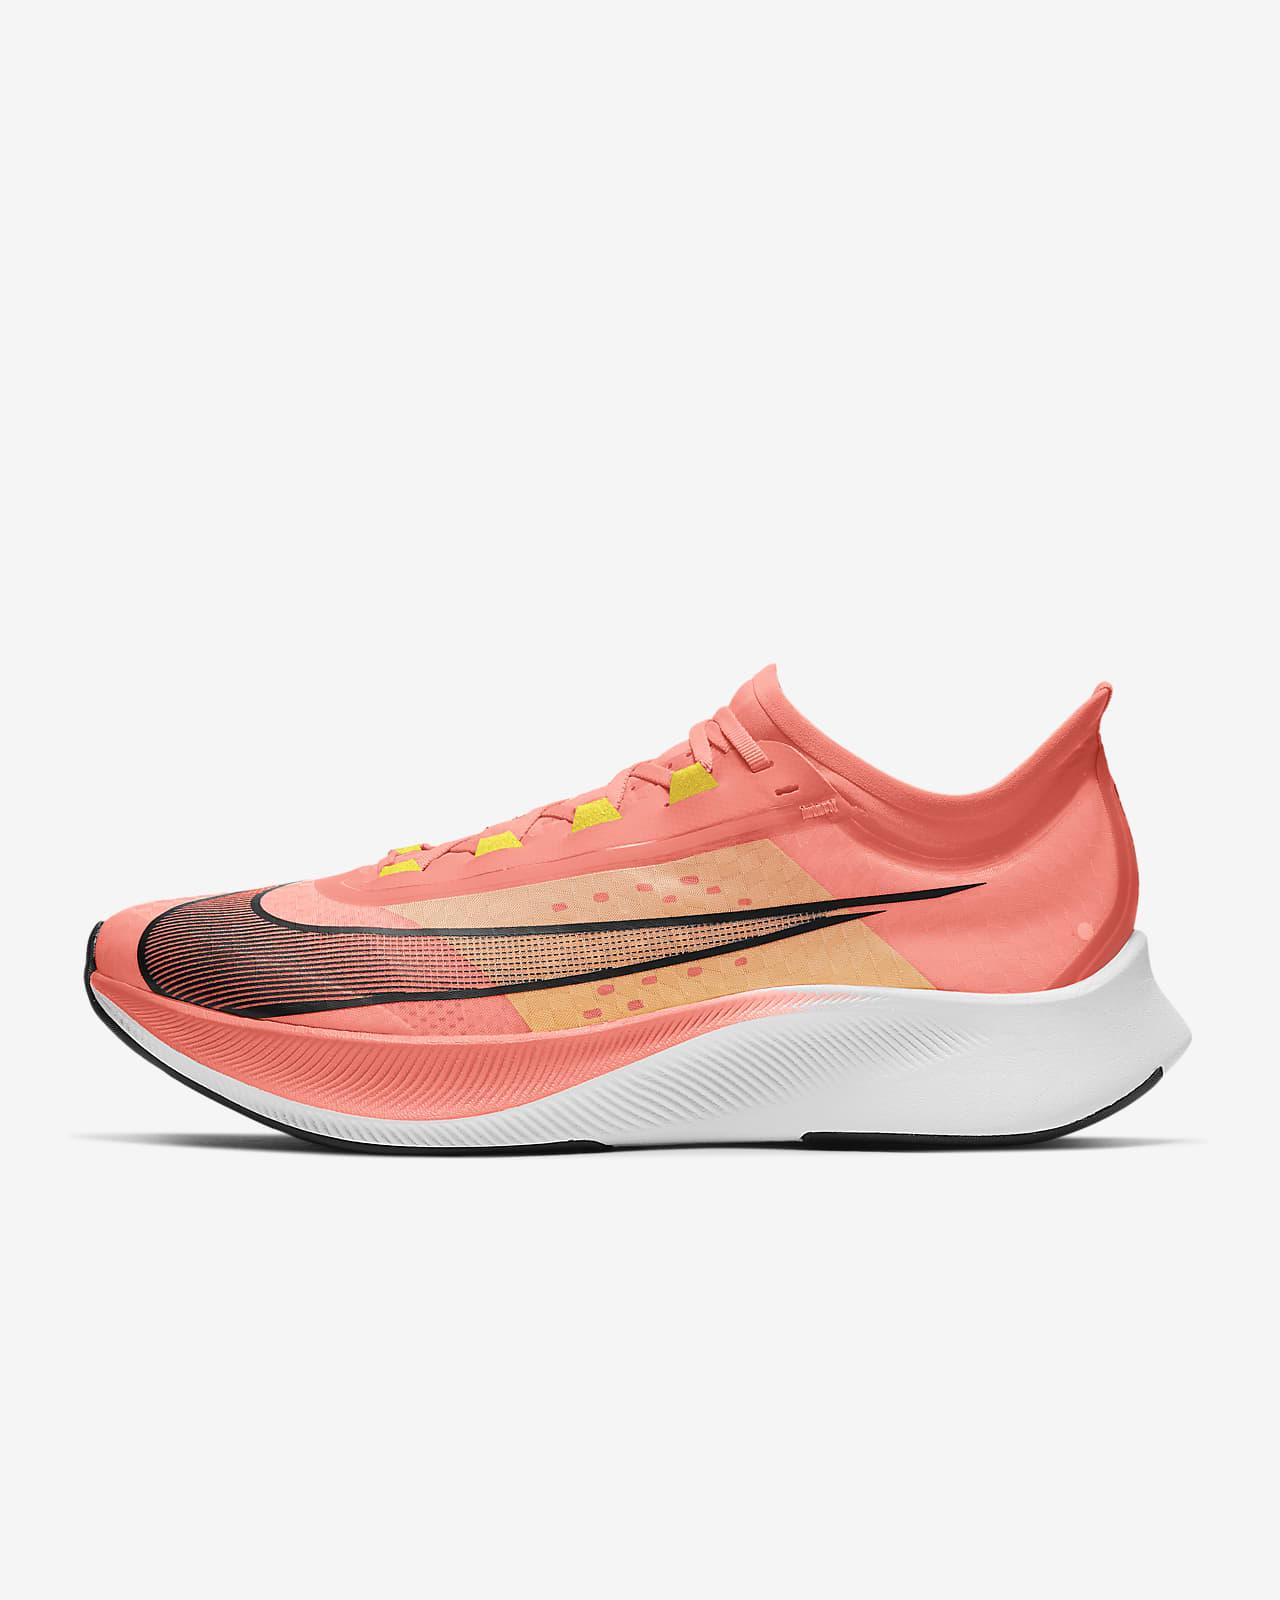 Nike Zoom Fly 3 Zapatillas de running - Hombre